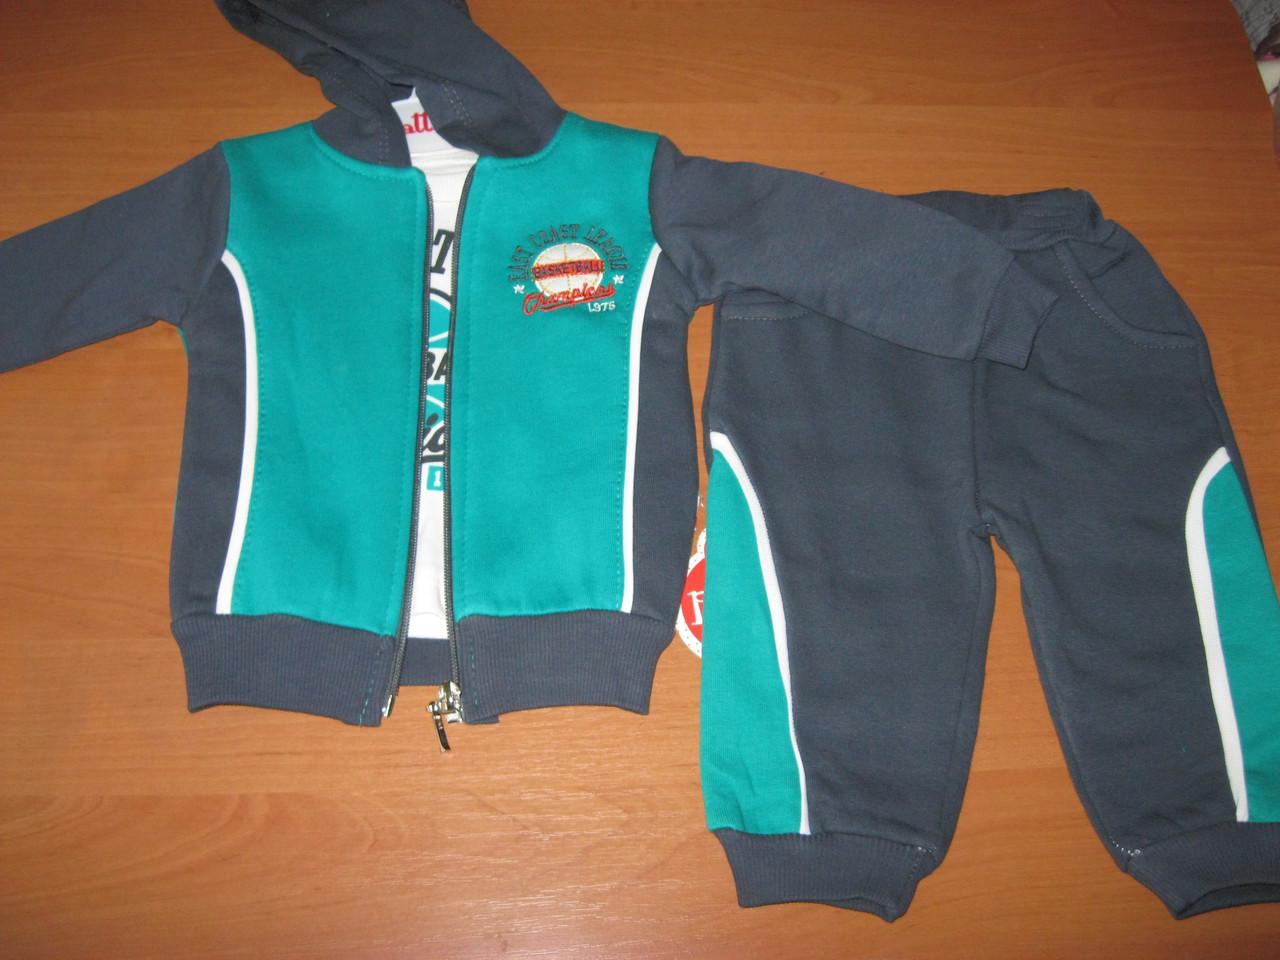 19b856d4c8fa Теплый зимний детский спортивный костюм тройка 3-х нитка с начесом для  мальчиков 74 см